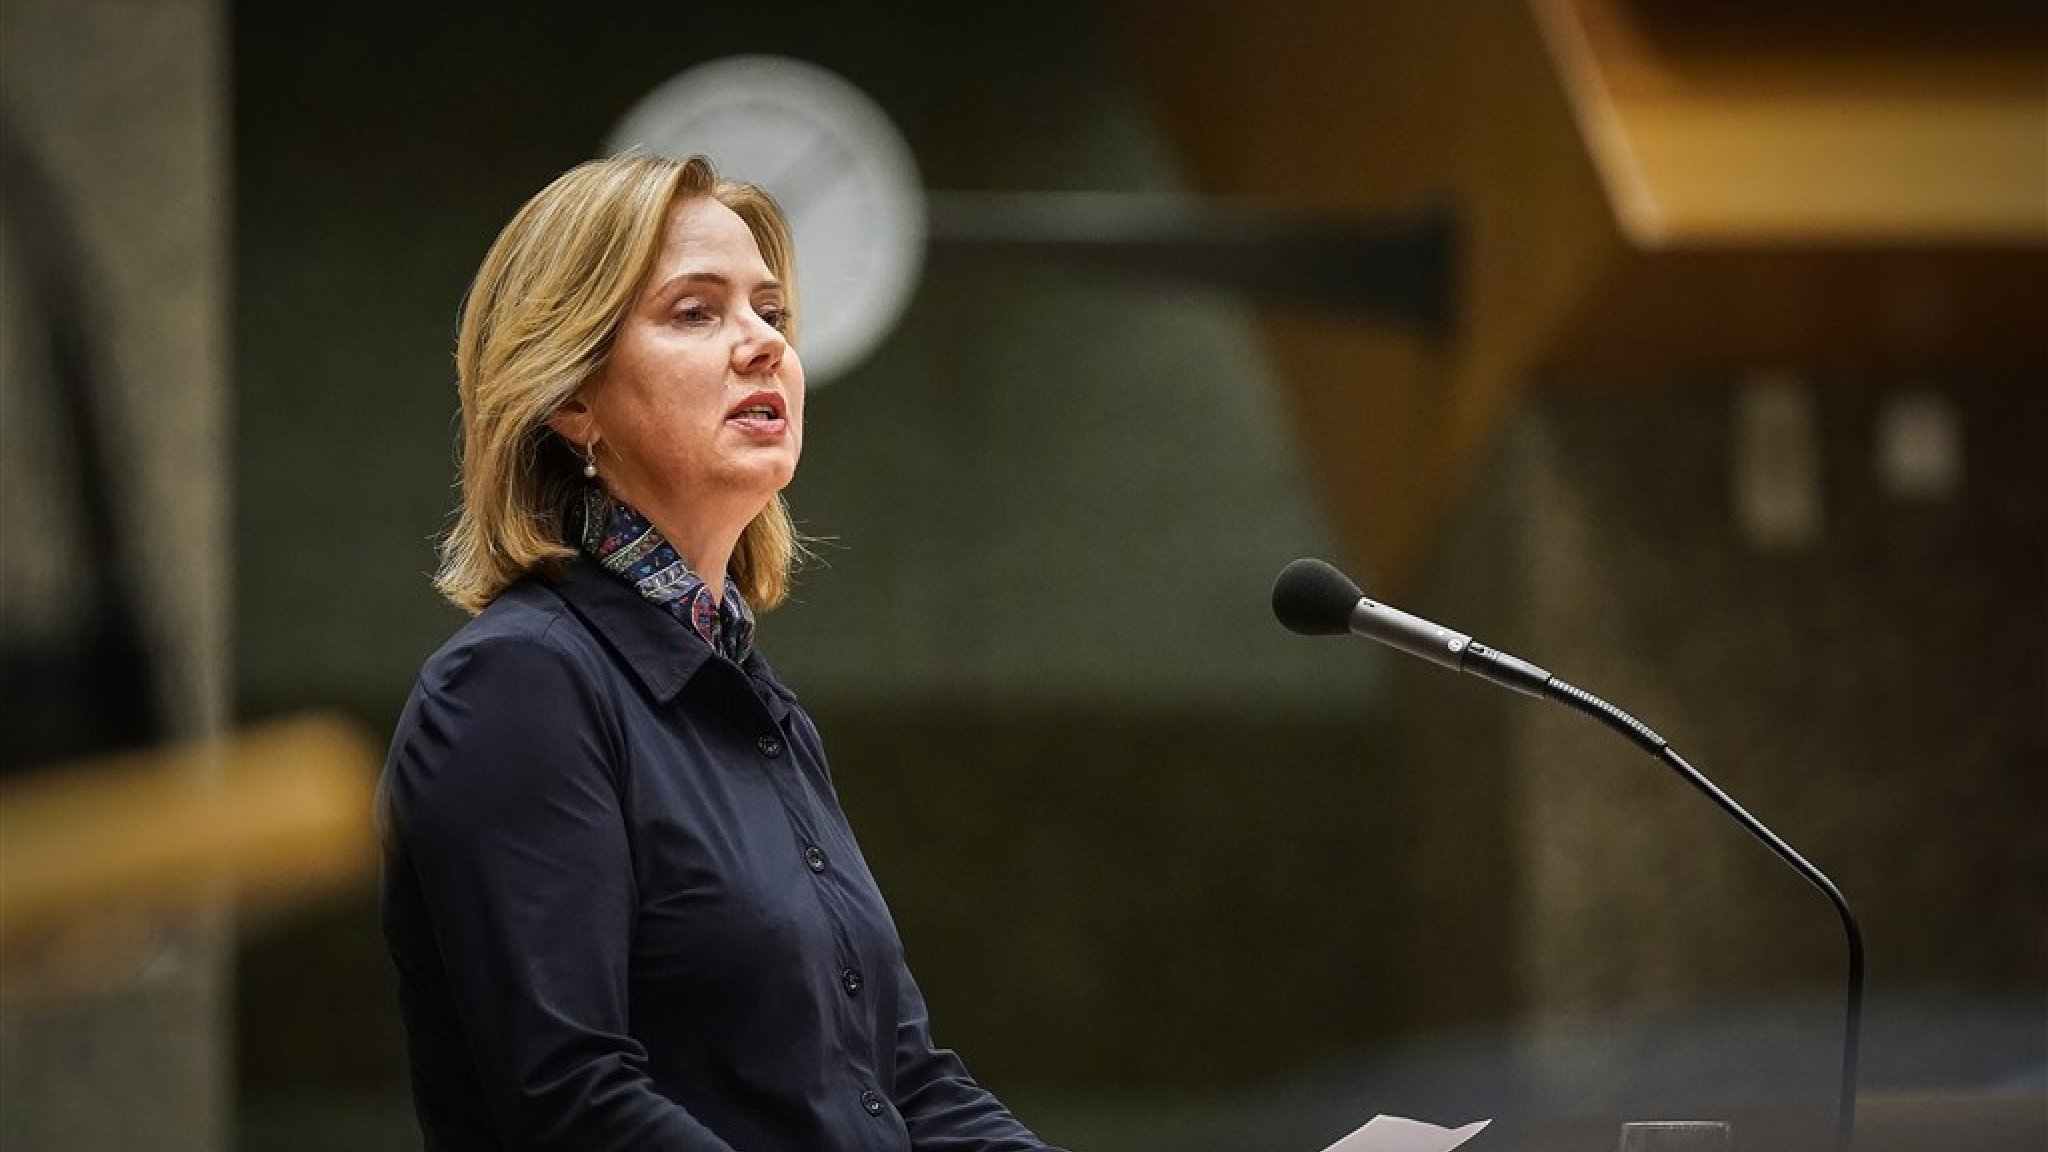 Minister Cora Van Nieuwenhuizen In Tranen Excuses Voor Fouten Rond Stint Rtl Nieuws